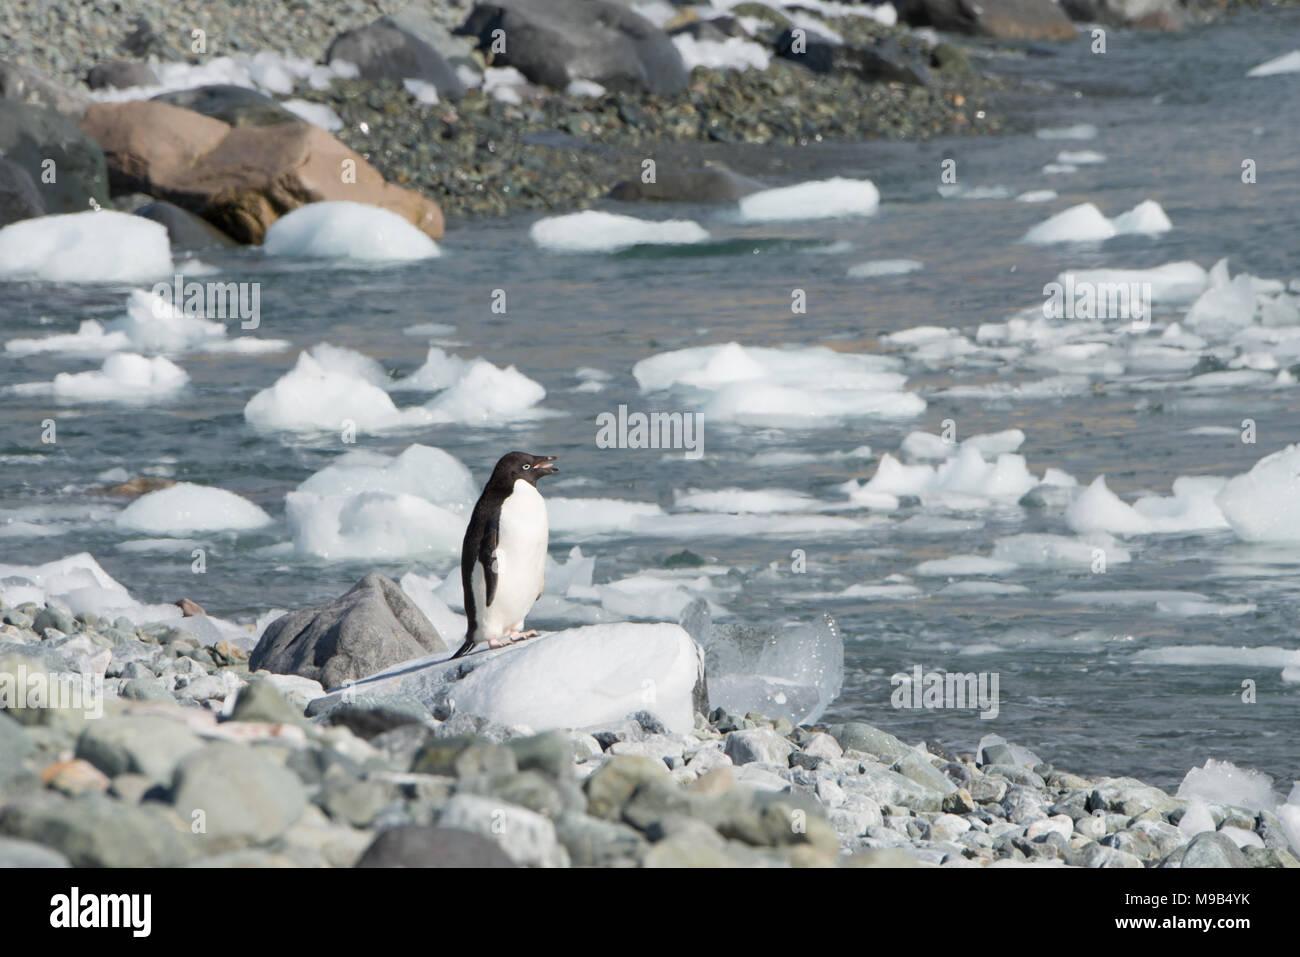 Un Adelie Penguin (Pygoscelis adeliae) in piedi su una costa rocciosa in Antartide Immagini Stock